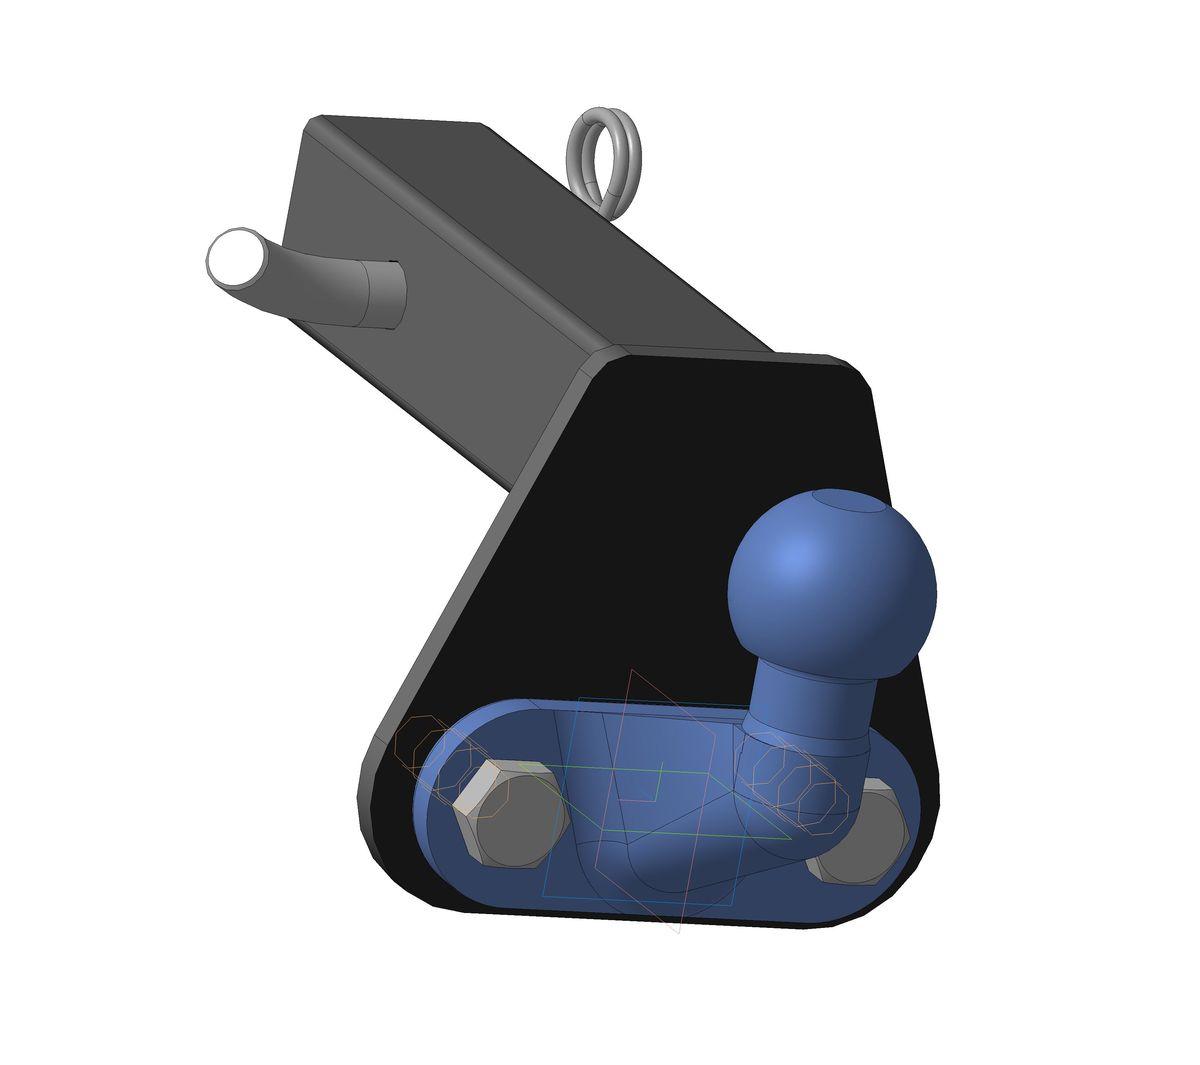 Шаровый узел Bosal на американские автомобили (под квадратное отверстие на 50 в корпусе ТСУ) на базе шара F, грузоподъемностью 2000 кг, 7801-FALLDRIVE 501Тип шара F – съемный, кованый шар с 2 отверстиями, грузоподъемность 3500 кг